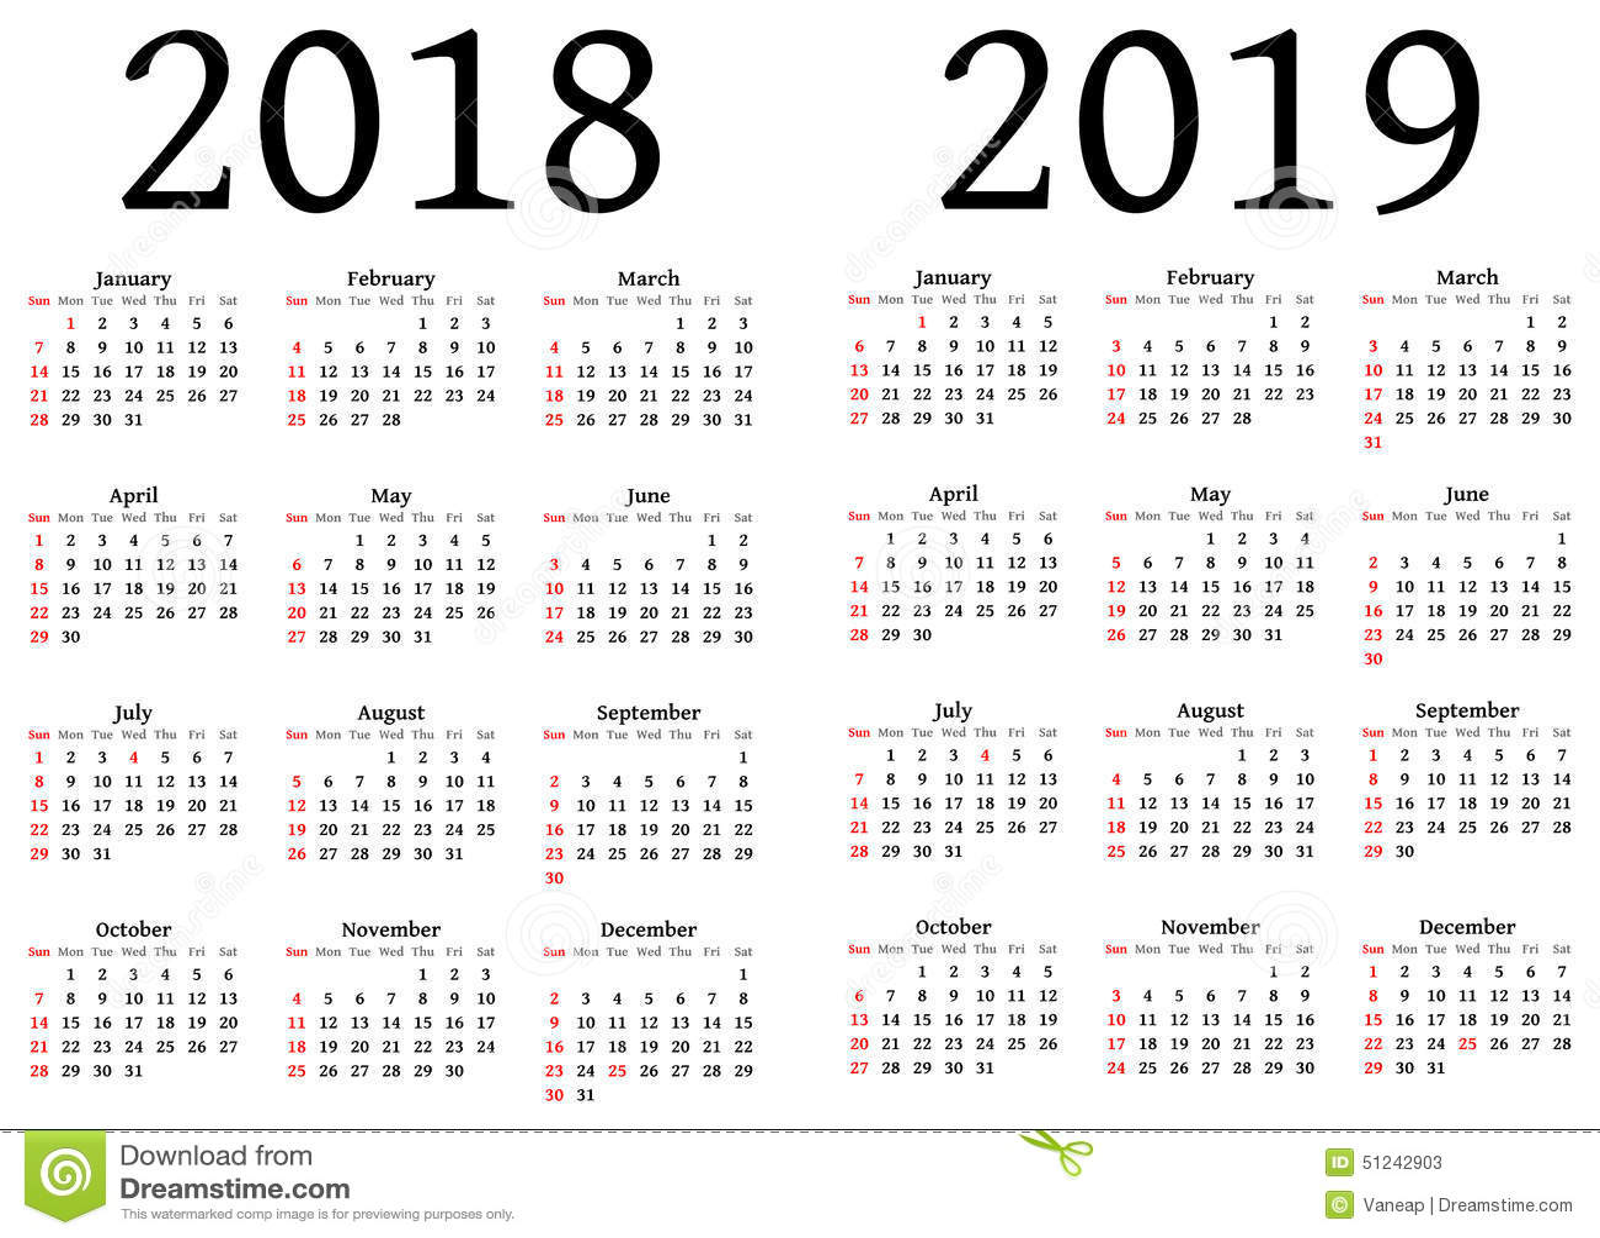 kalender f r 2018 und 2019 stock abbildung bild 51242903. Black Bedroom Furniture Sets. Home Design Ideas